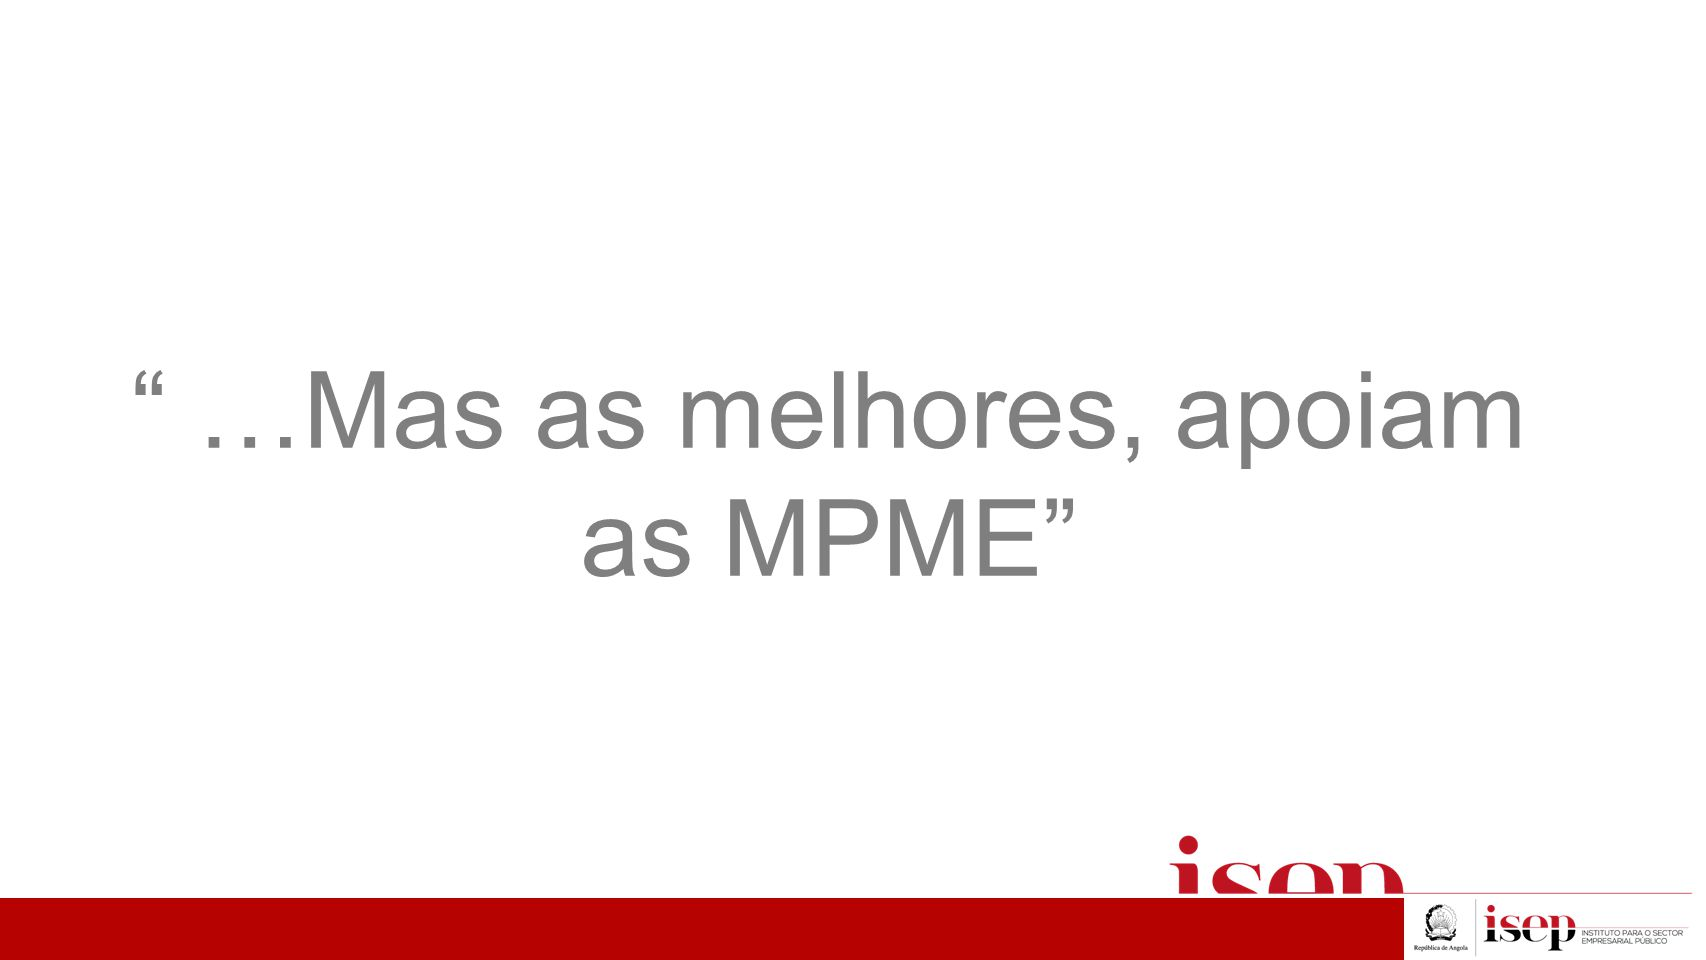 …Mas as melhores, apoiam as MPME